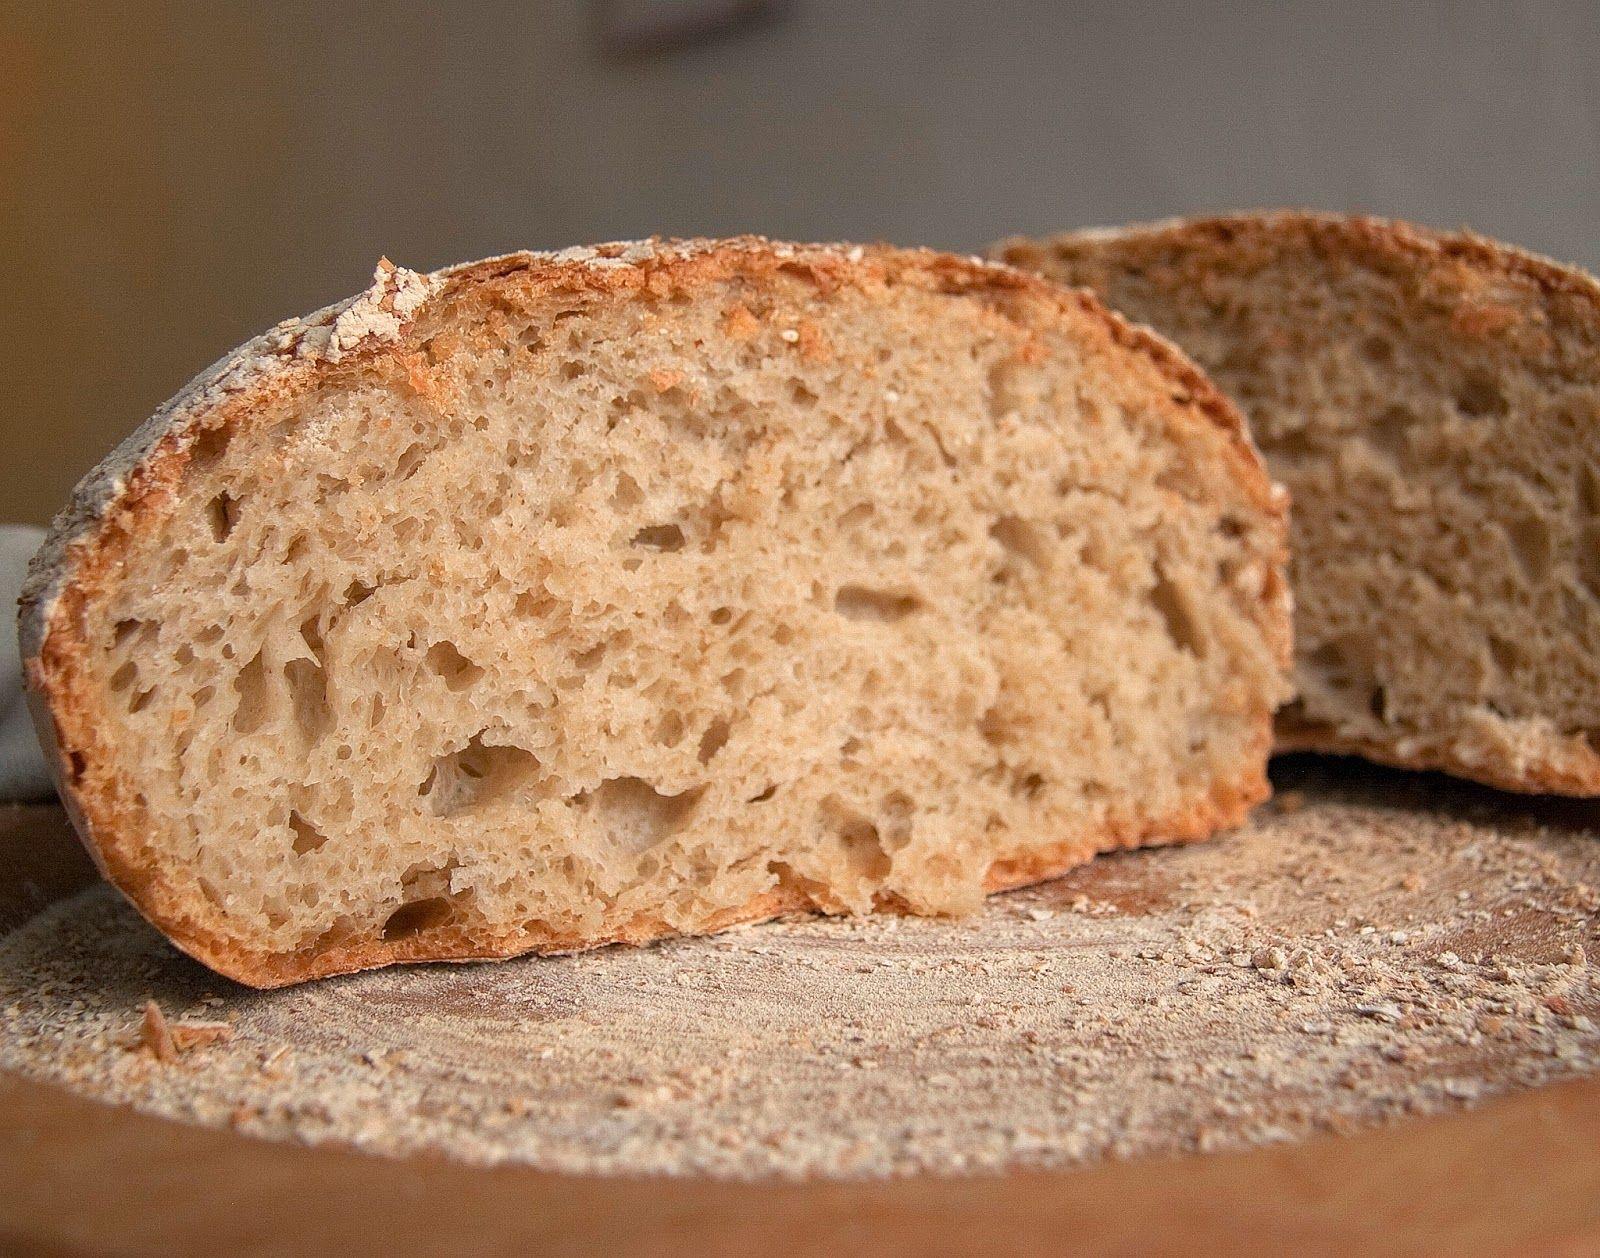 выбрали хлеб с картинками просто основном семенами, так